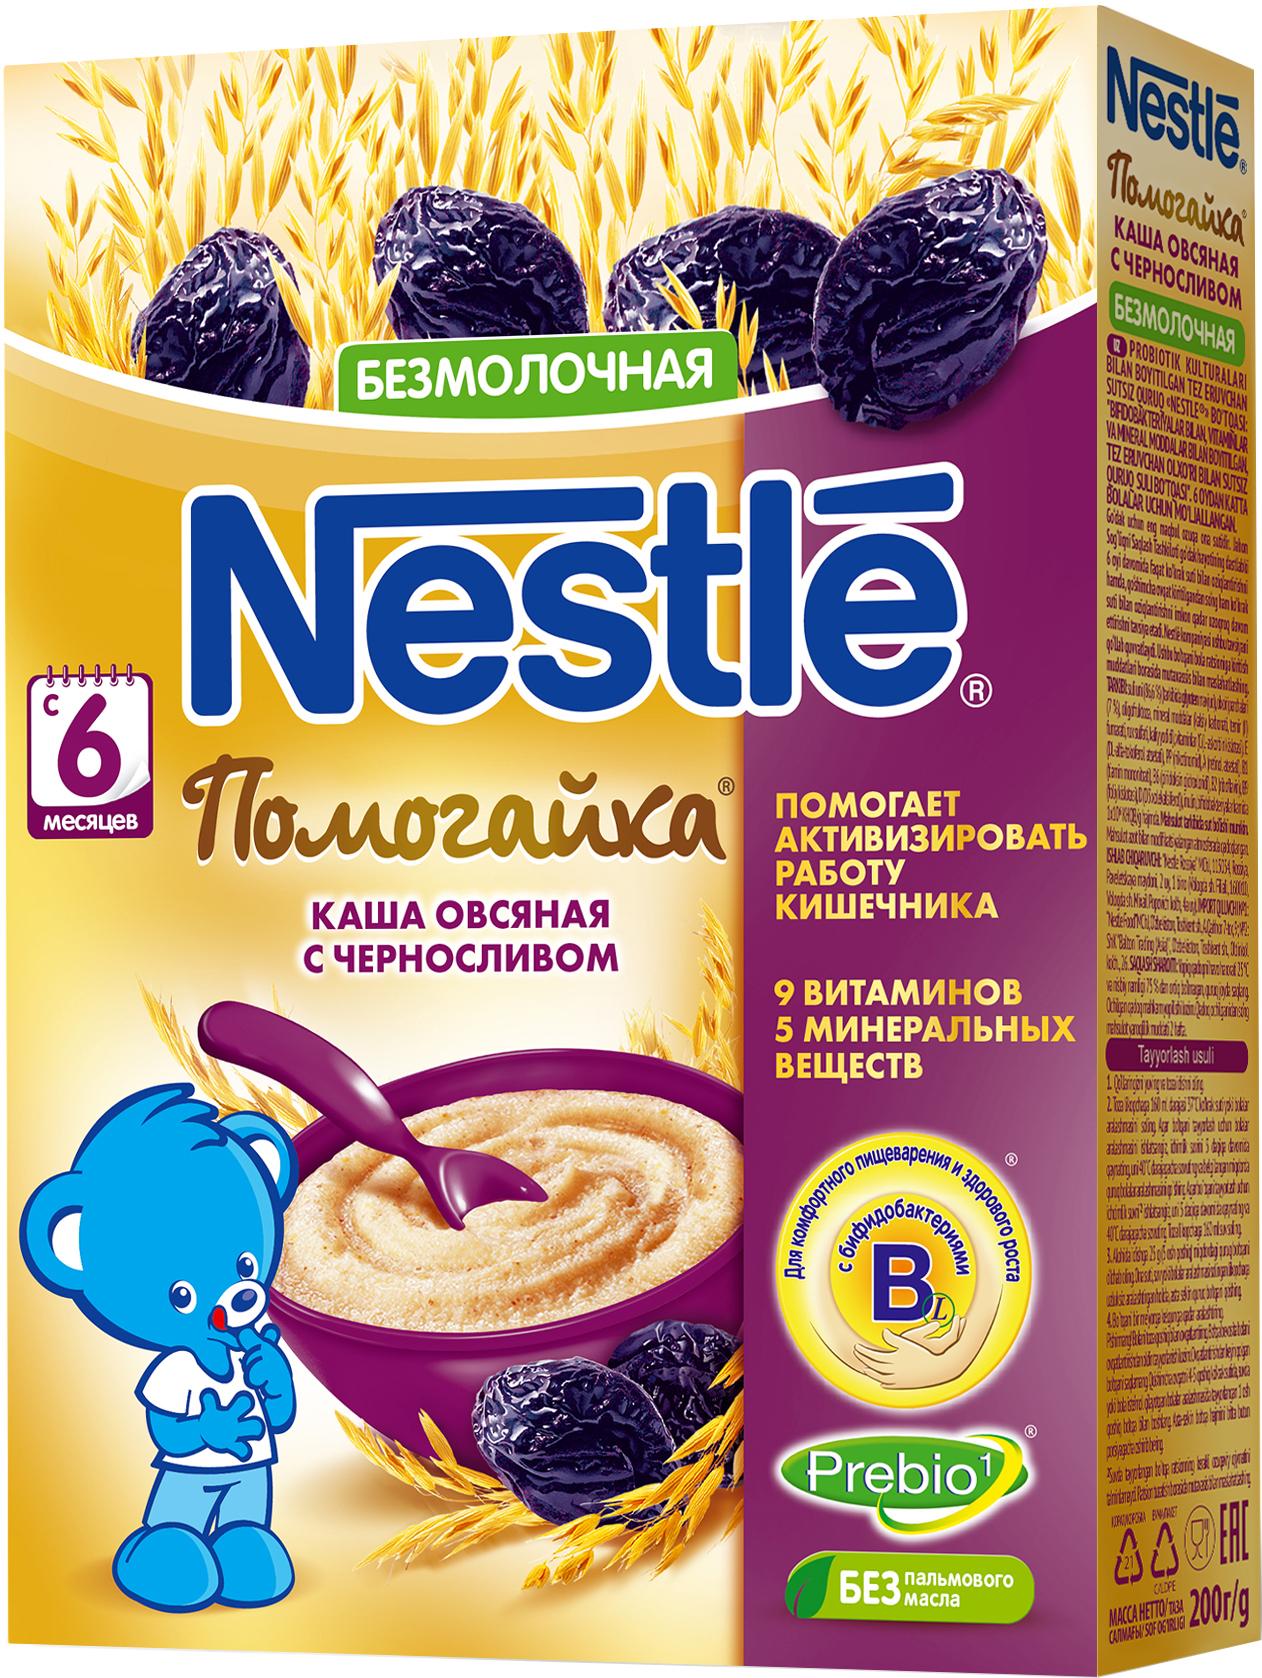 Каши Nestle Nestlé Помогайка безмолочная овес с черносливом (с 6 месяцев) 200 г каша безмолочная nestle помогайка из овса и пшеницы с черносливом с 6 мес 200 г